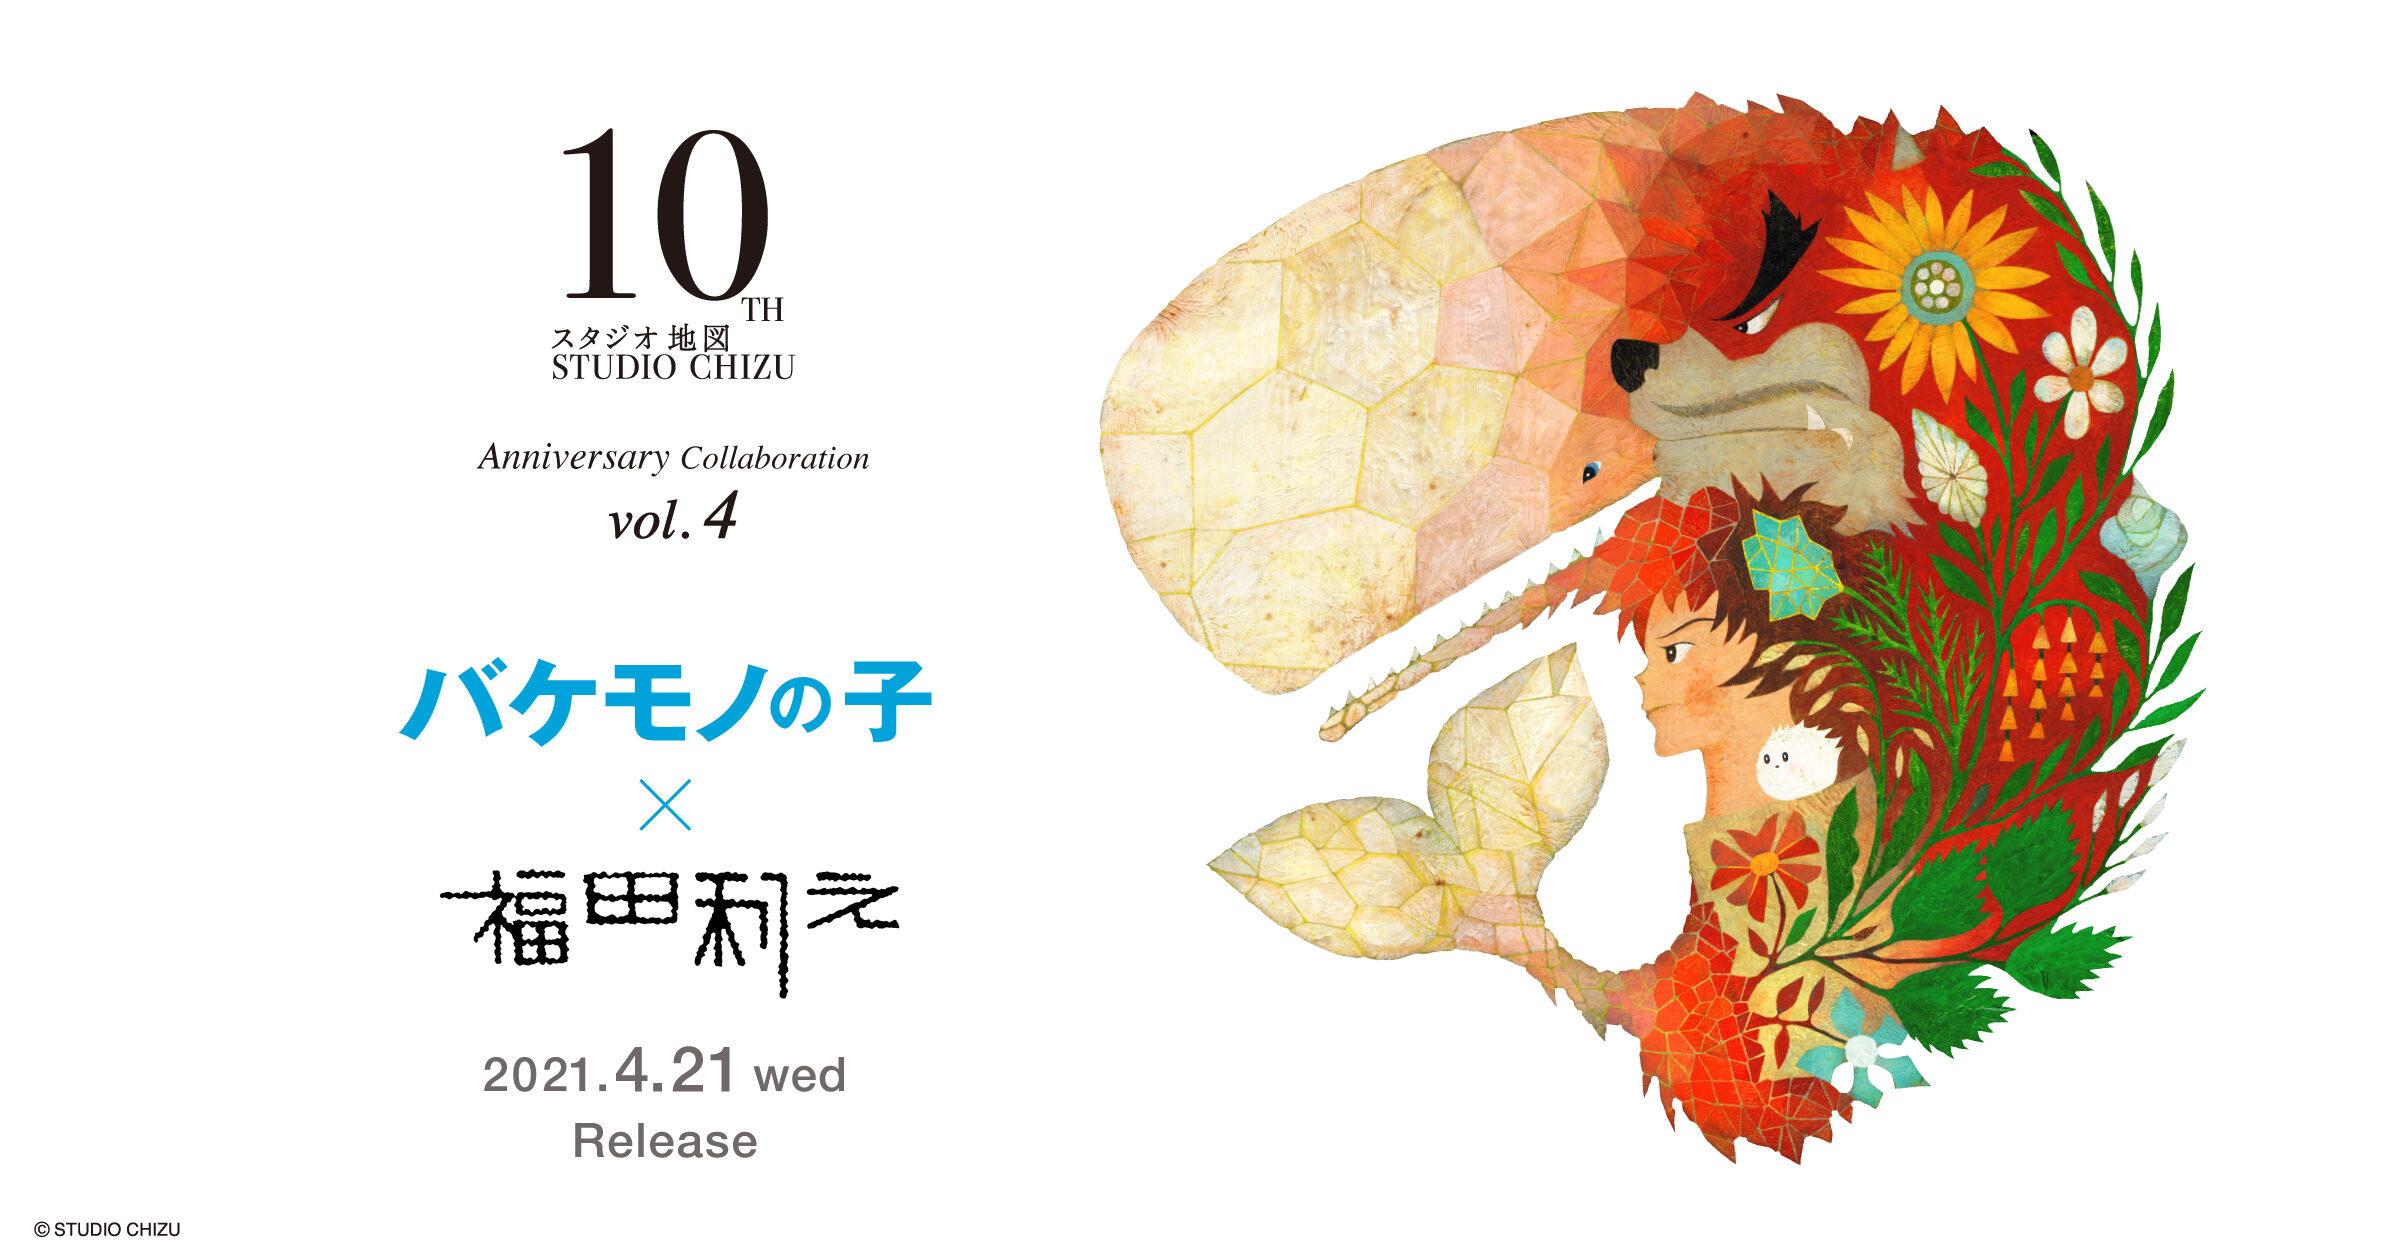 スタジオ地図10周年記念アーティストコラボ アイテム 登場!